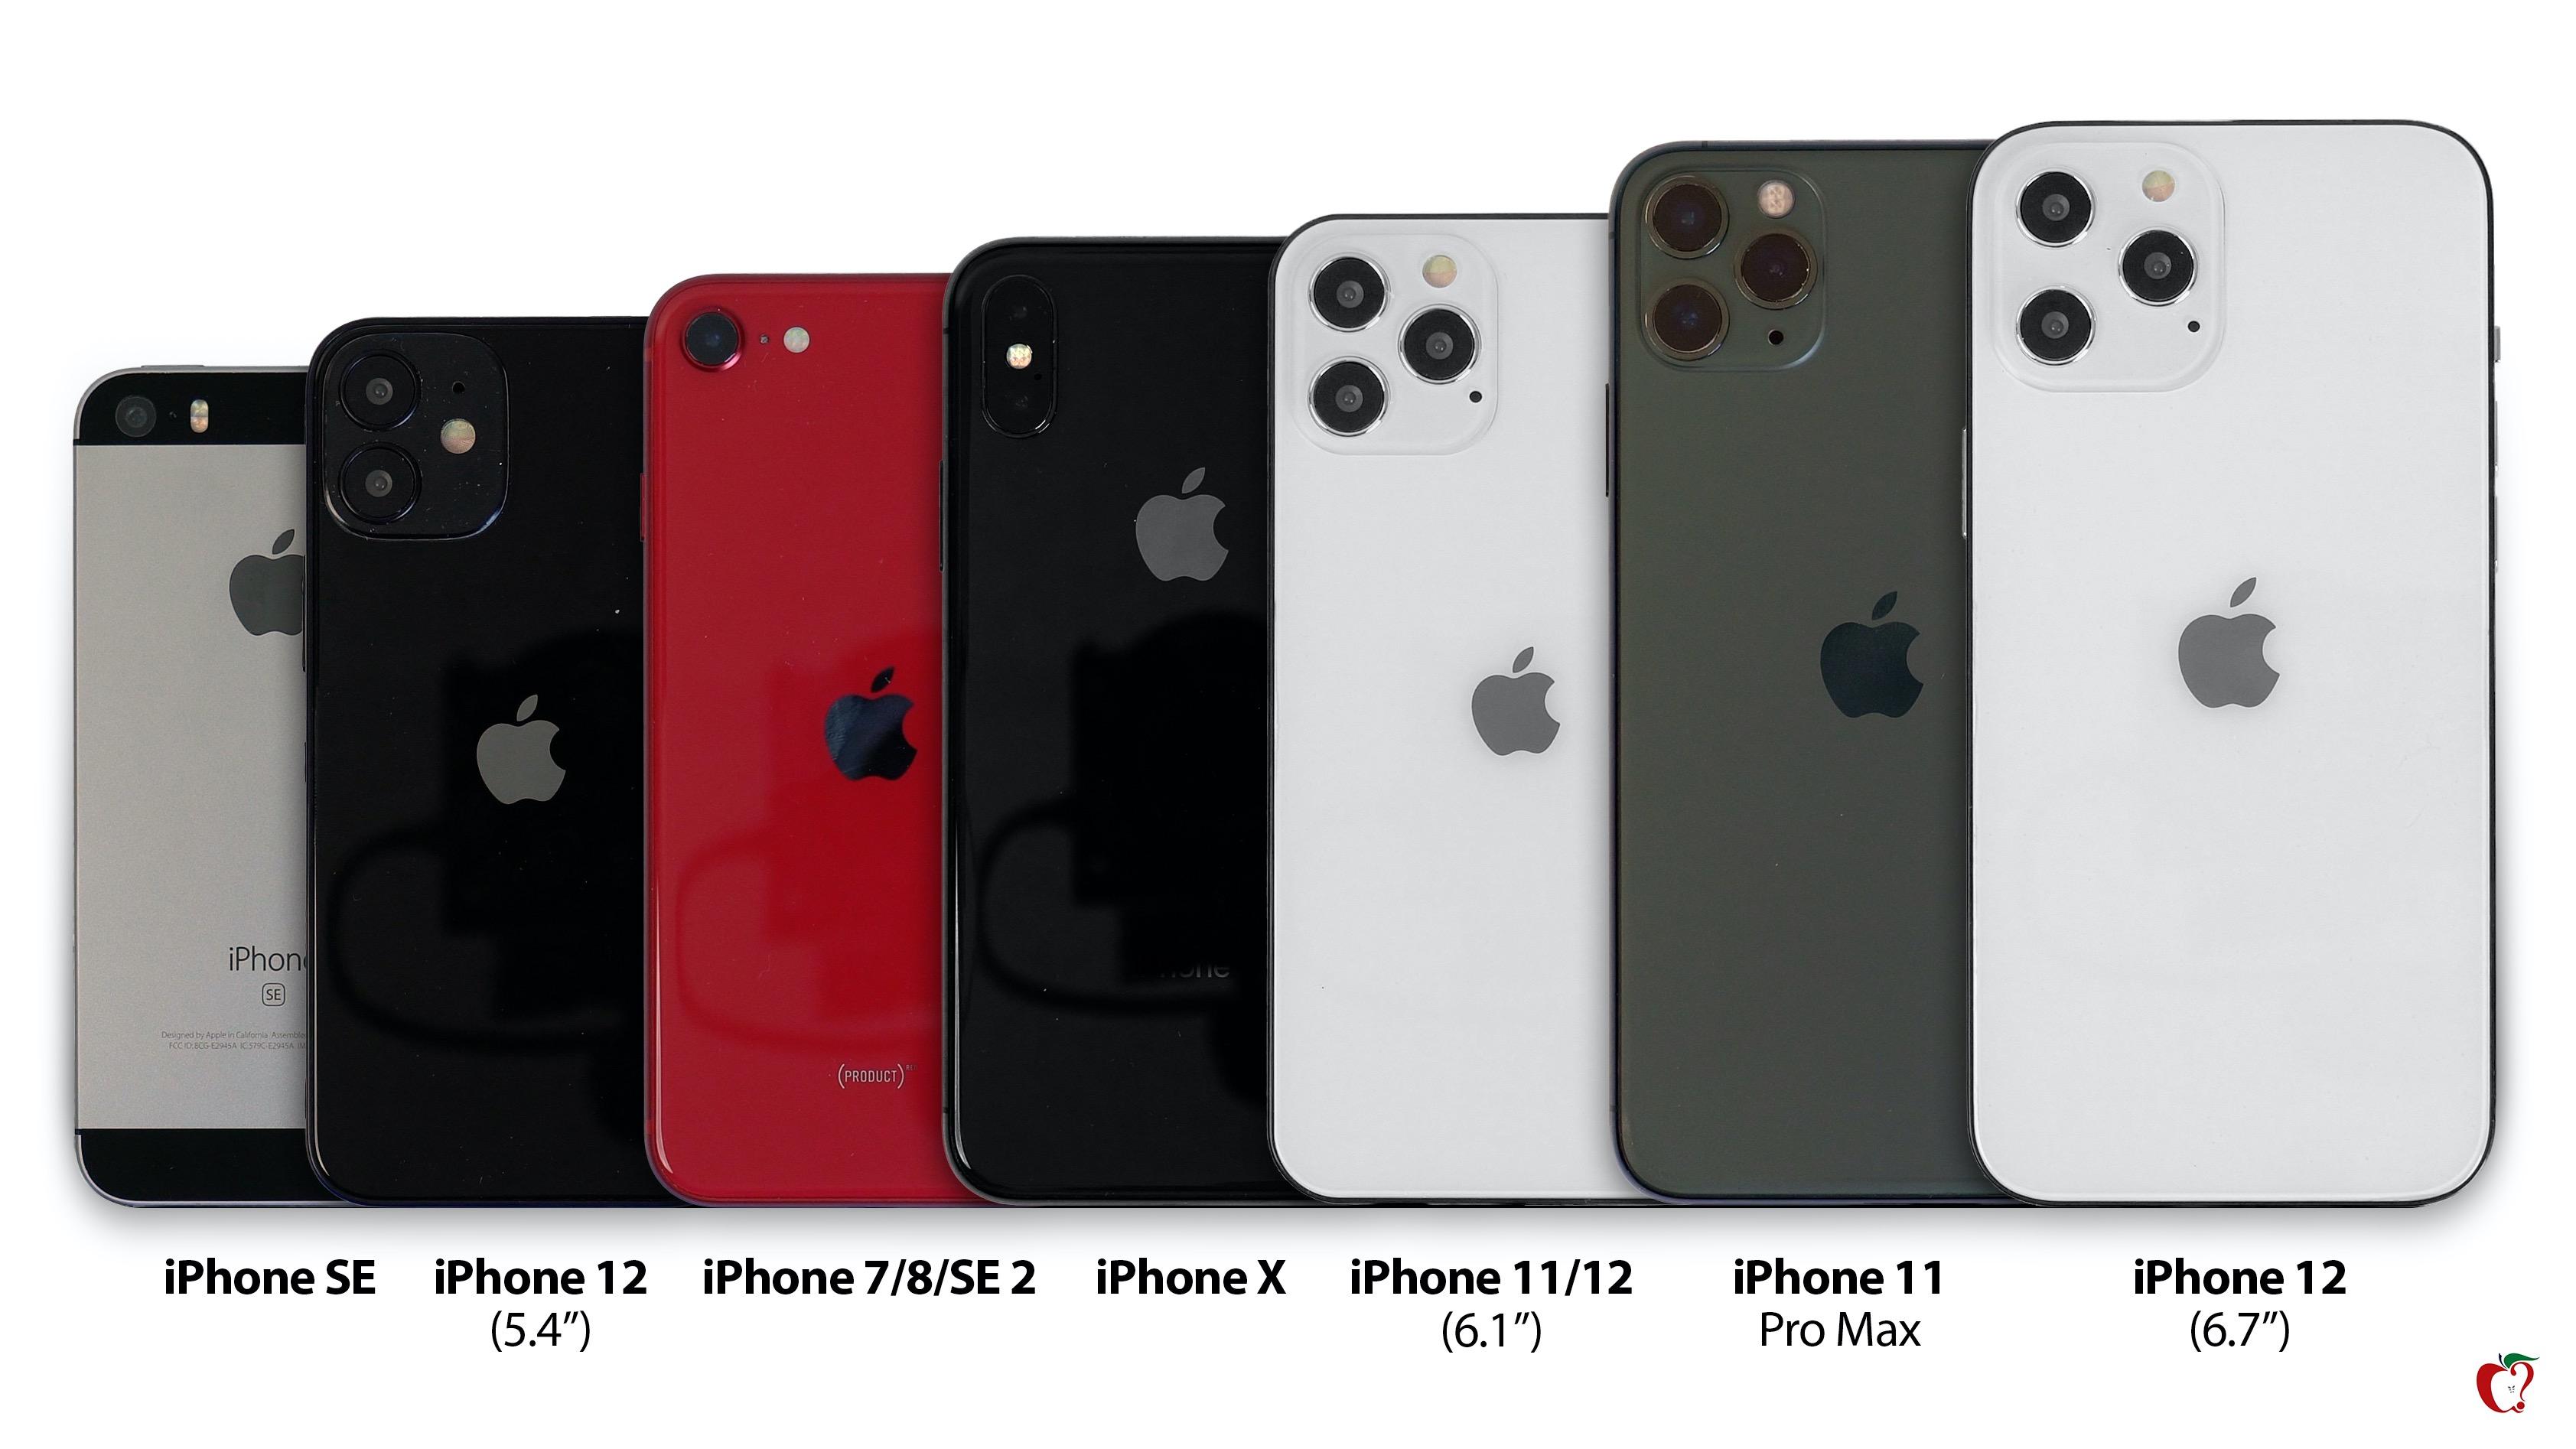 So sánh kích thước iPhone 12 với iPhone đời cũ: iPhone 12 5.4 inch còn nhỏ hơn cả iPhone SE 4.7 inch